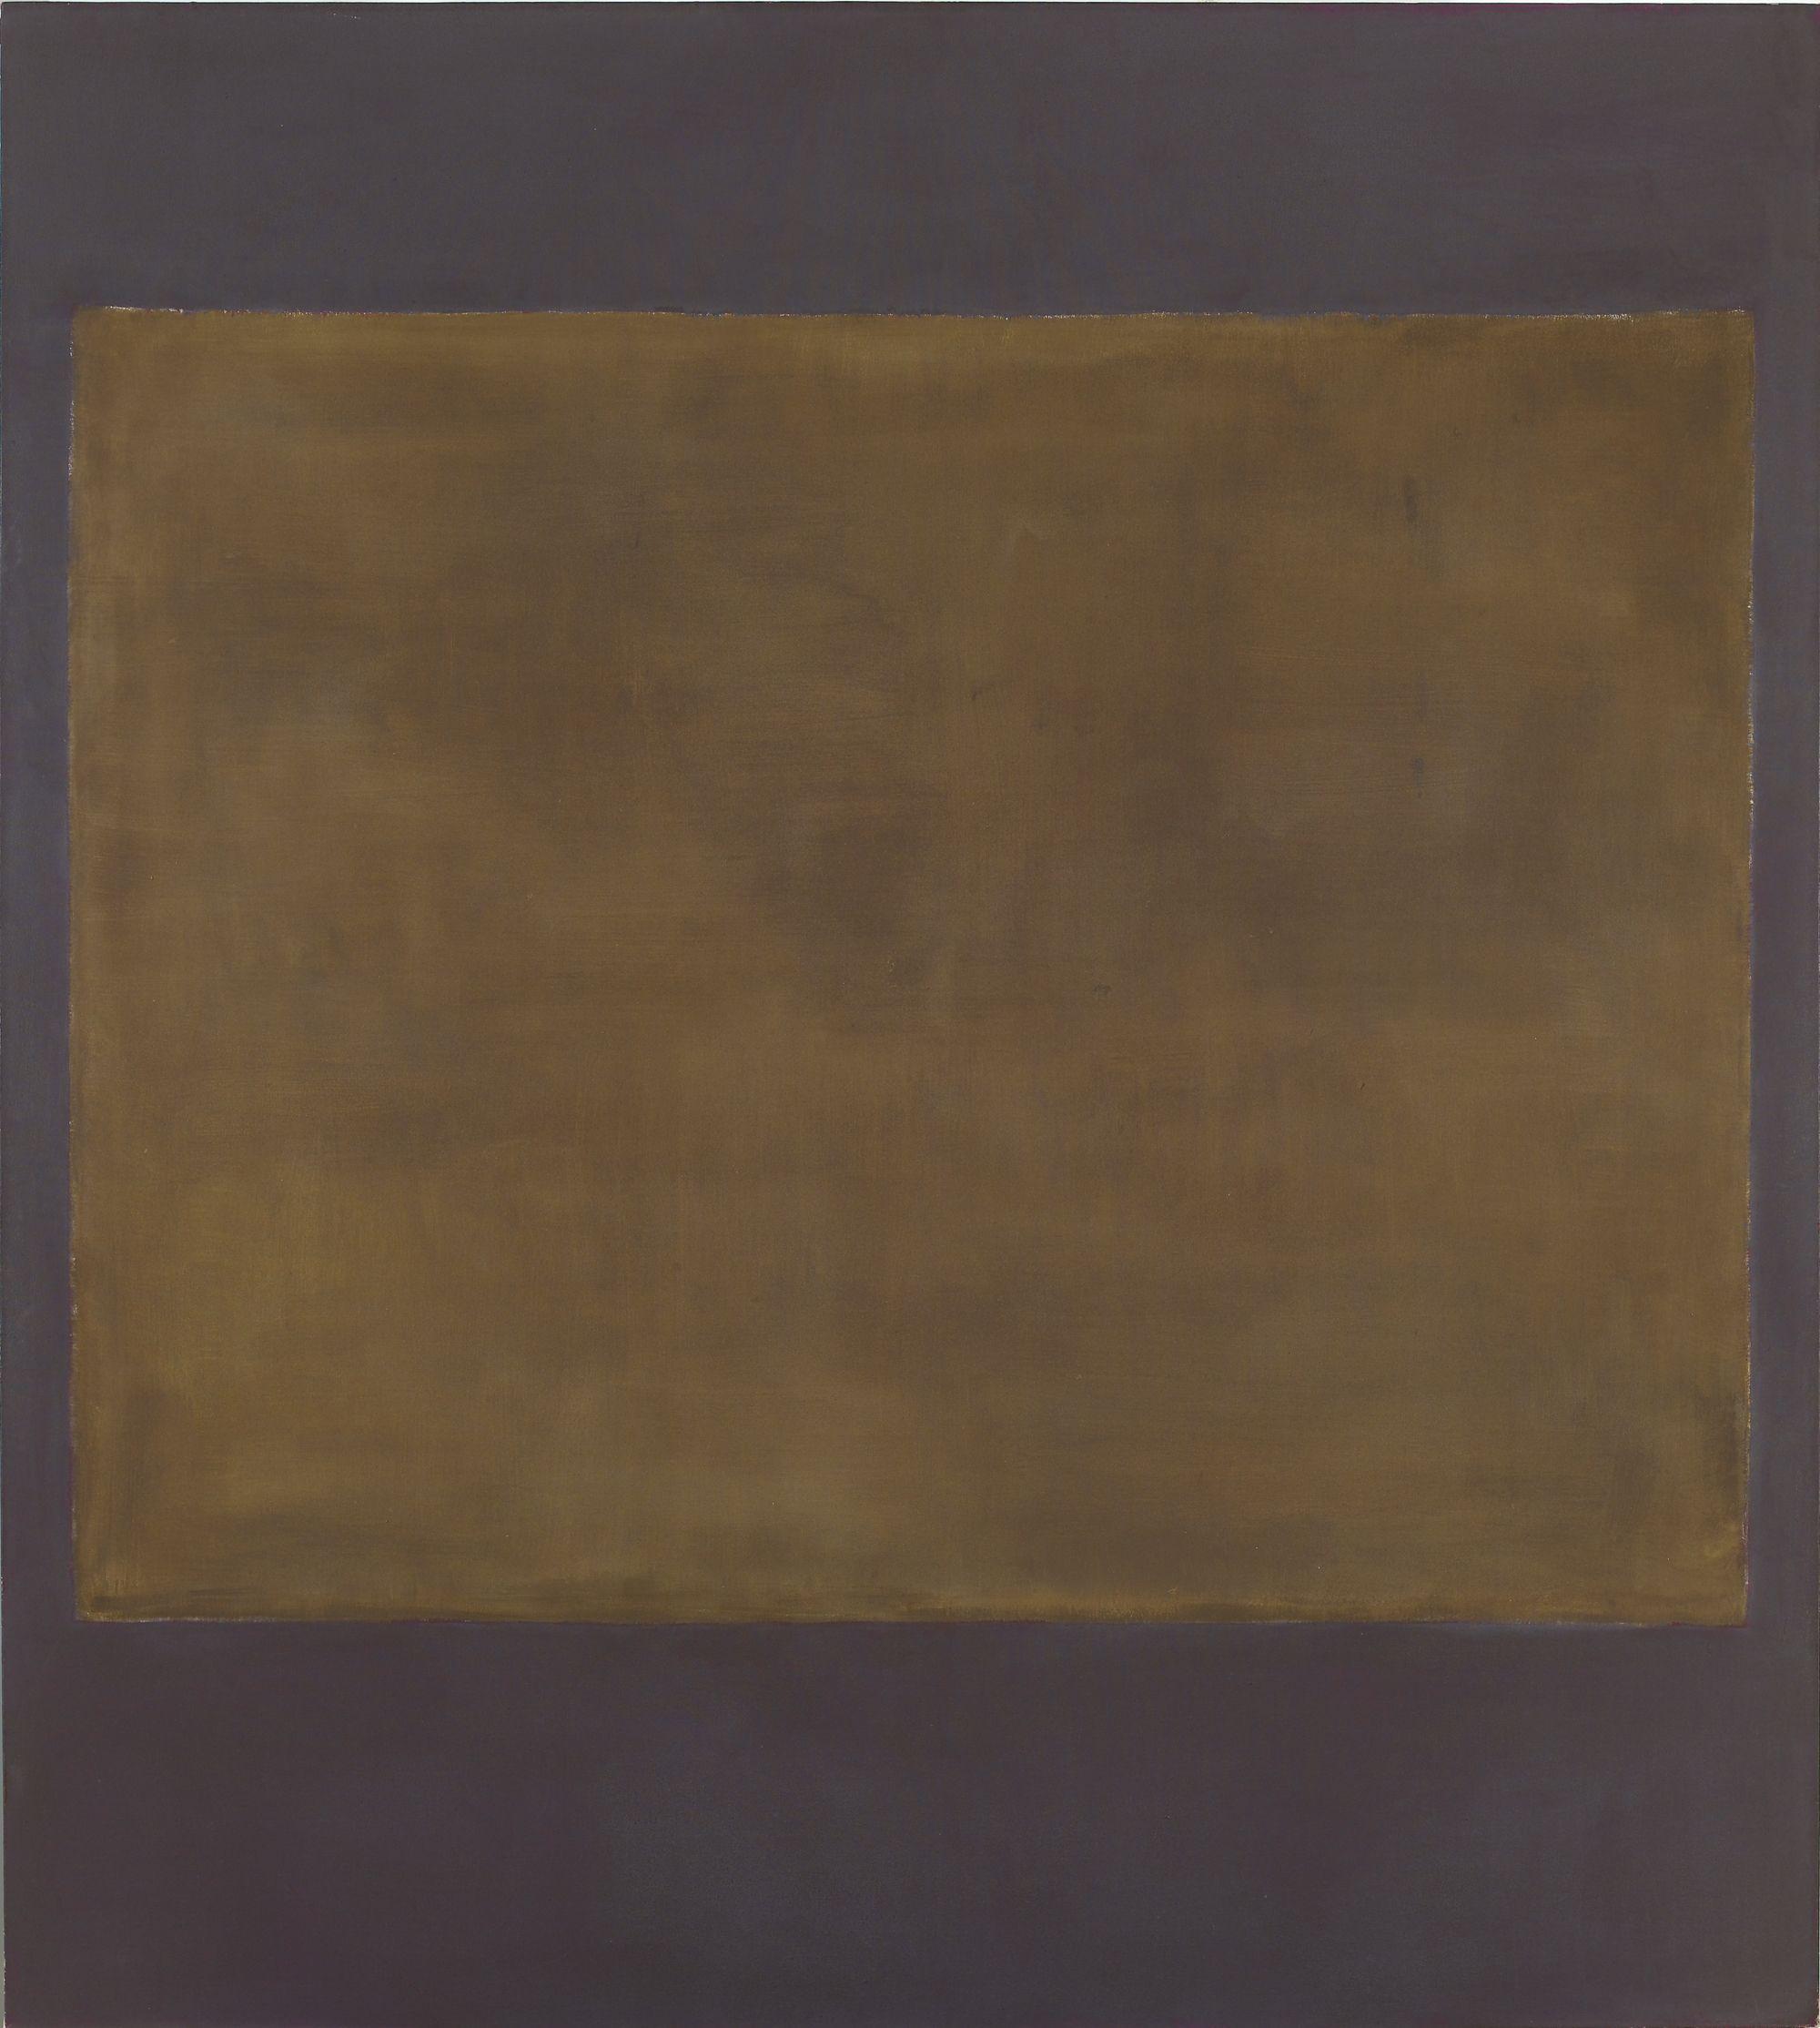 Untitled (Plum and Dark Brown) (Mark Rothko,1964)